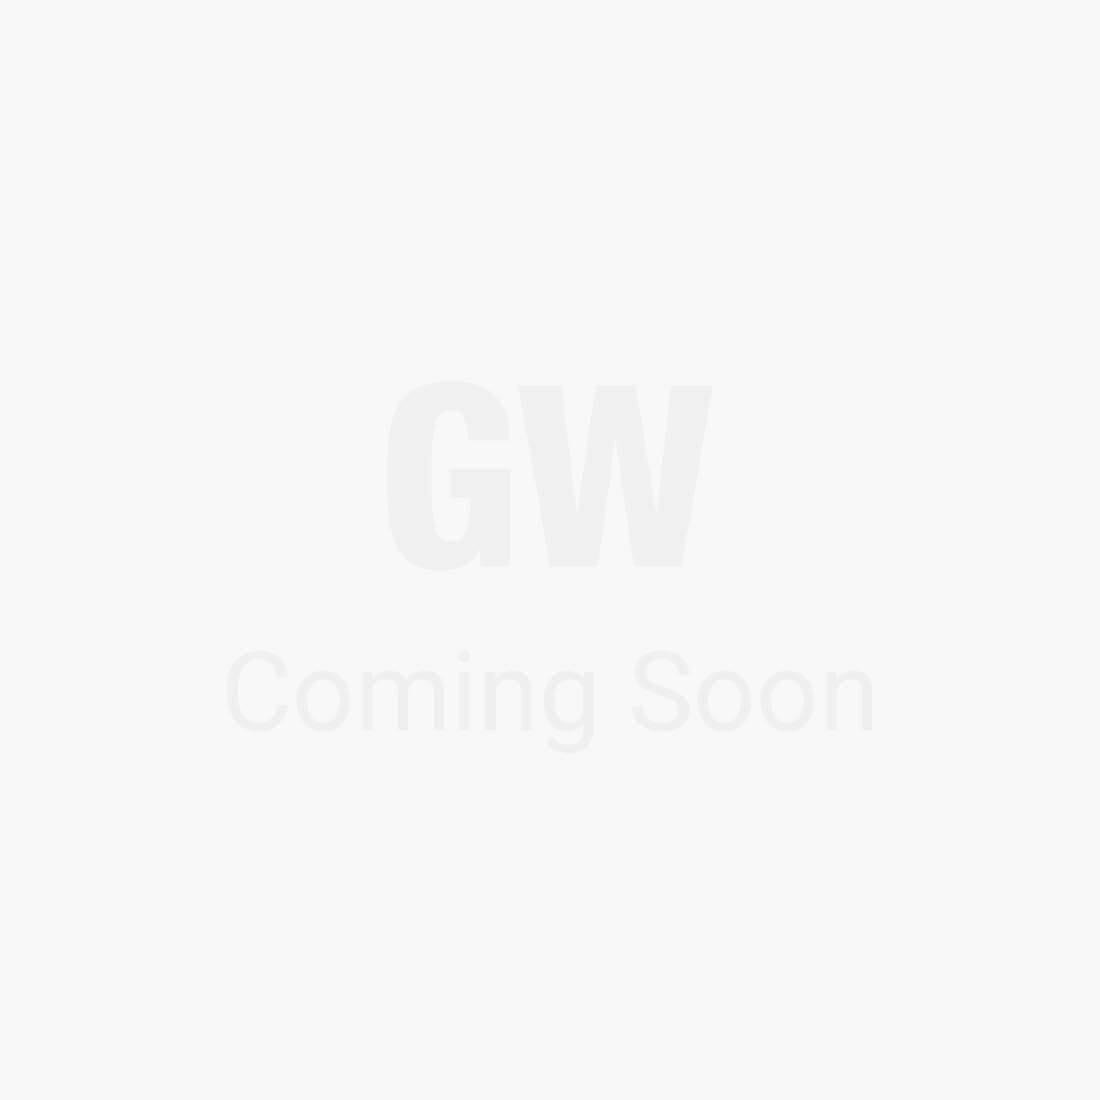 Nixon Dining Chair